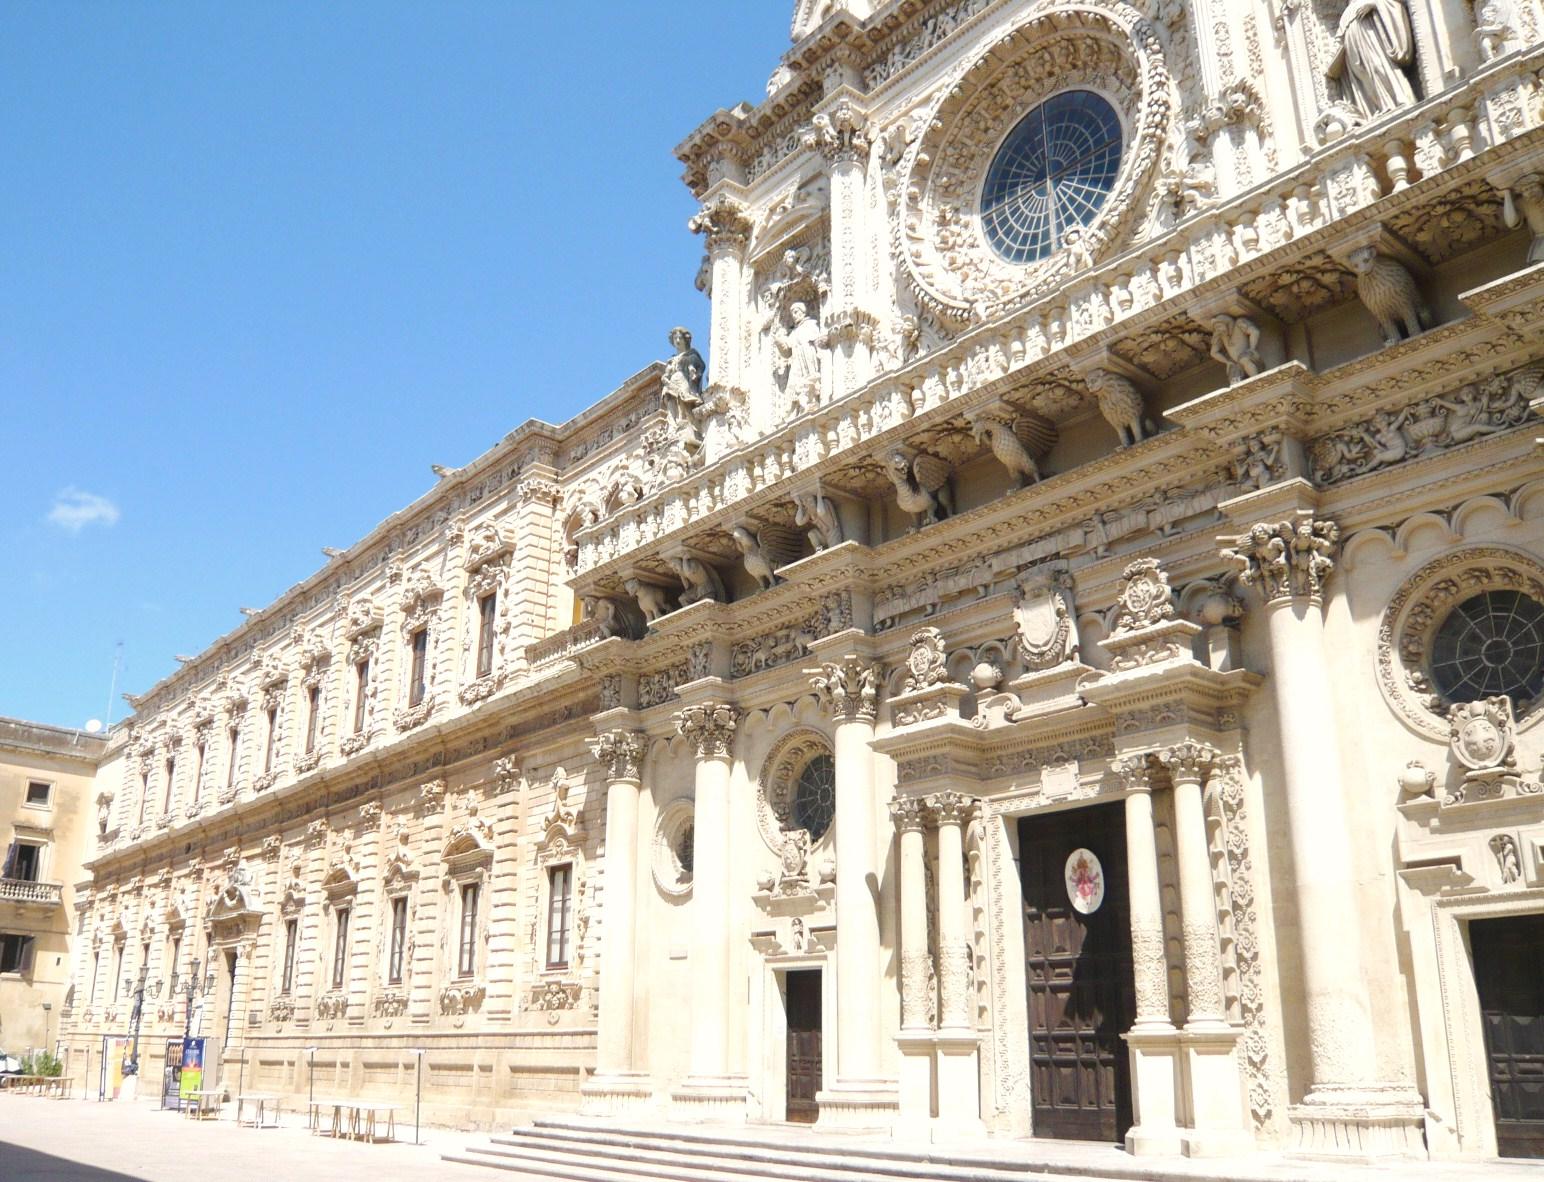 Architetti Famosi Lecce pasqua 2020 nel salento: santa maria di leuca, lecce e i